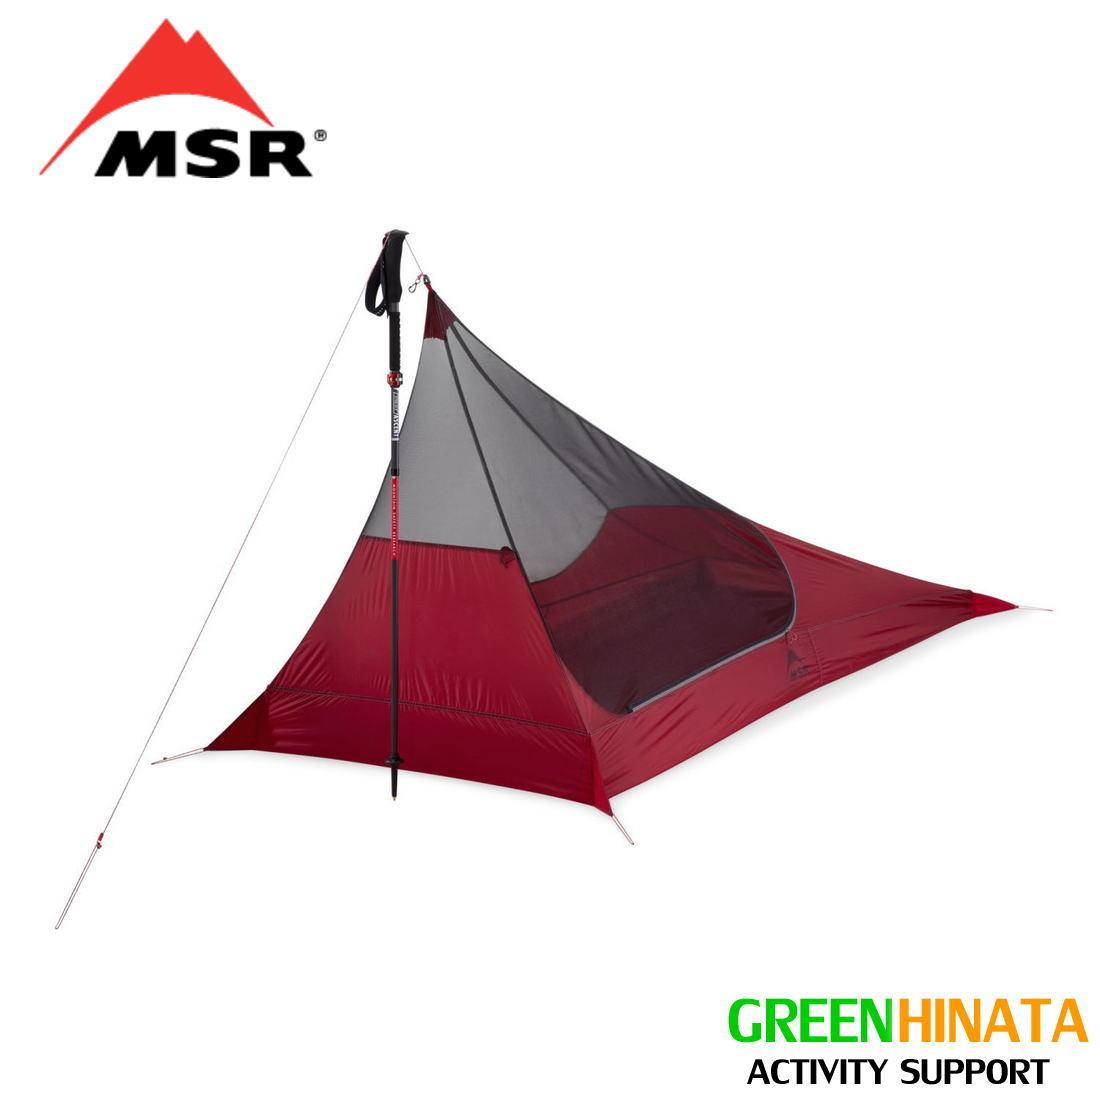 【国内正規品】 エムエスアール スルーハイカー メッシュハウス1 2019 1人用テント MSR Thru-Hiker Mesh House 1 Trekking Pole Shelter 2019 UPDATE MODEL